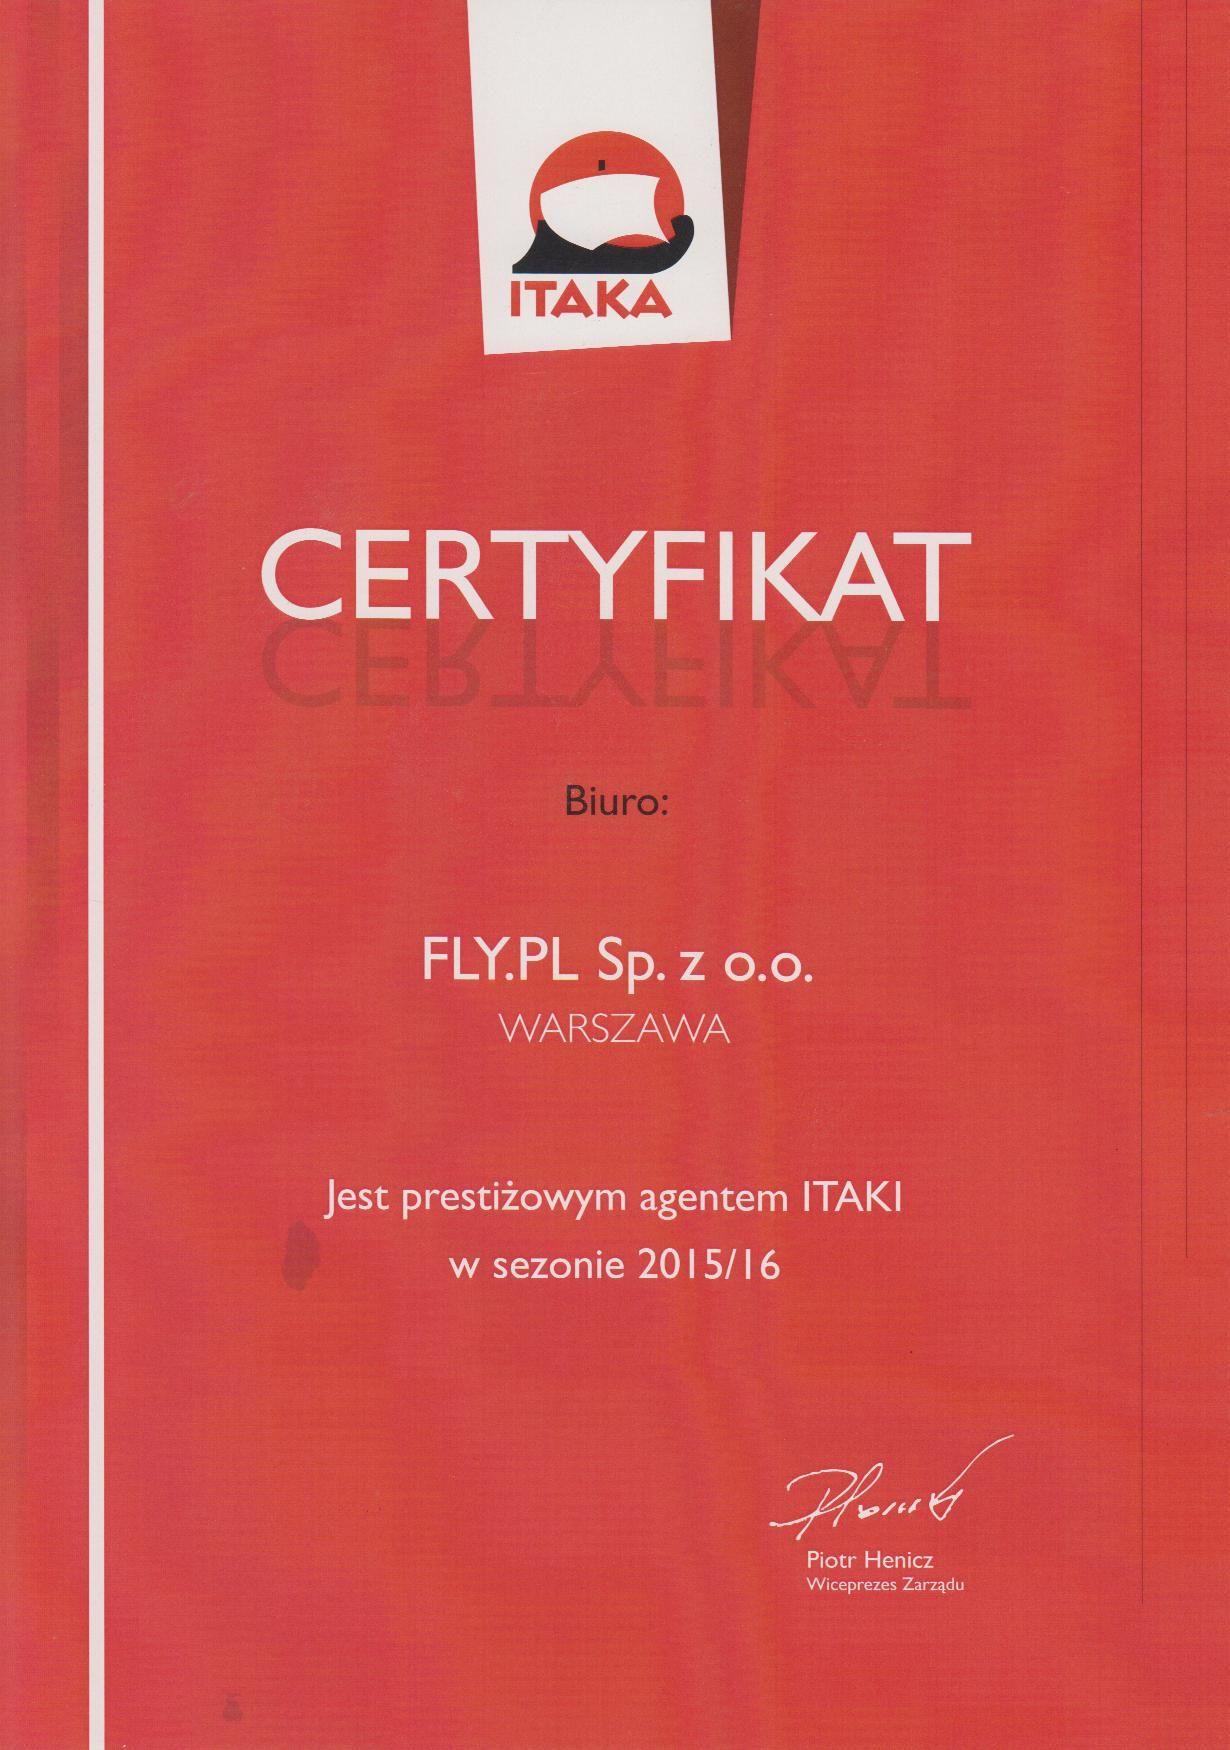 Certyfikat Prestiżowego Agenta Itaka 2015/2016